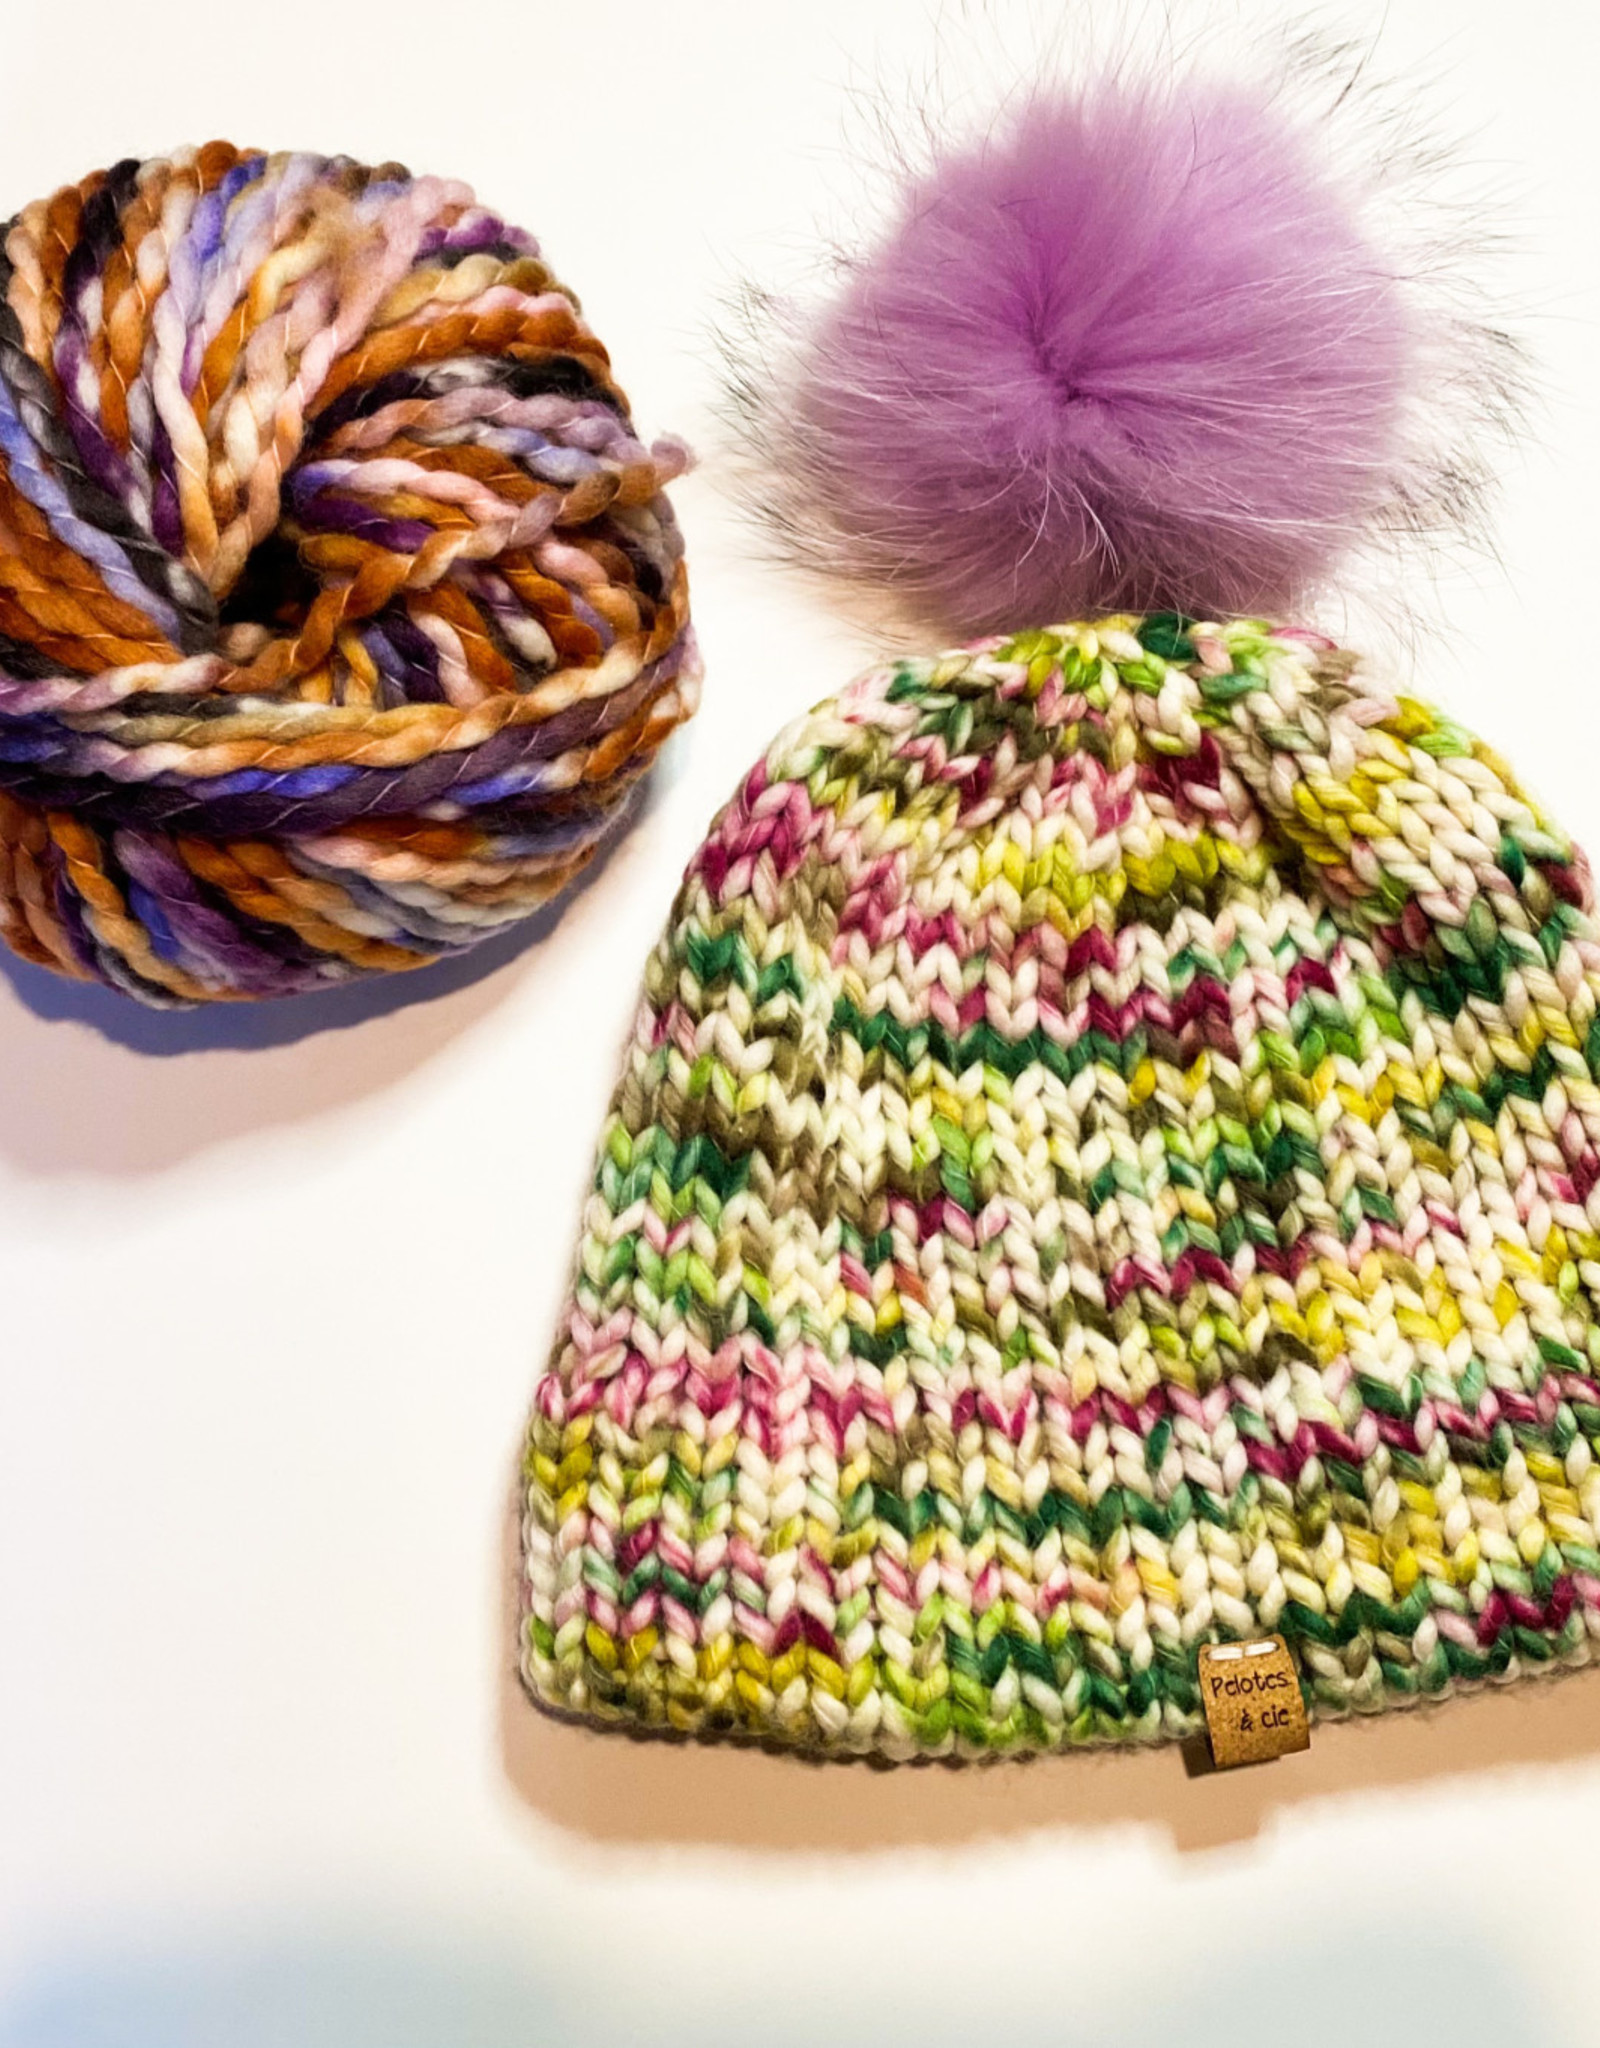 Pelotes & Cie Prêt-à-tricoter - Tuque Clover - Purple